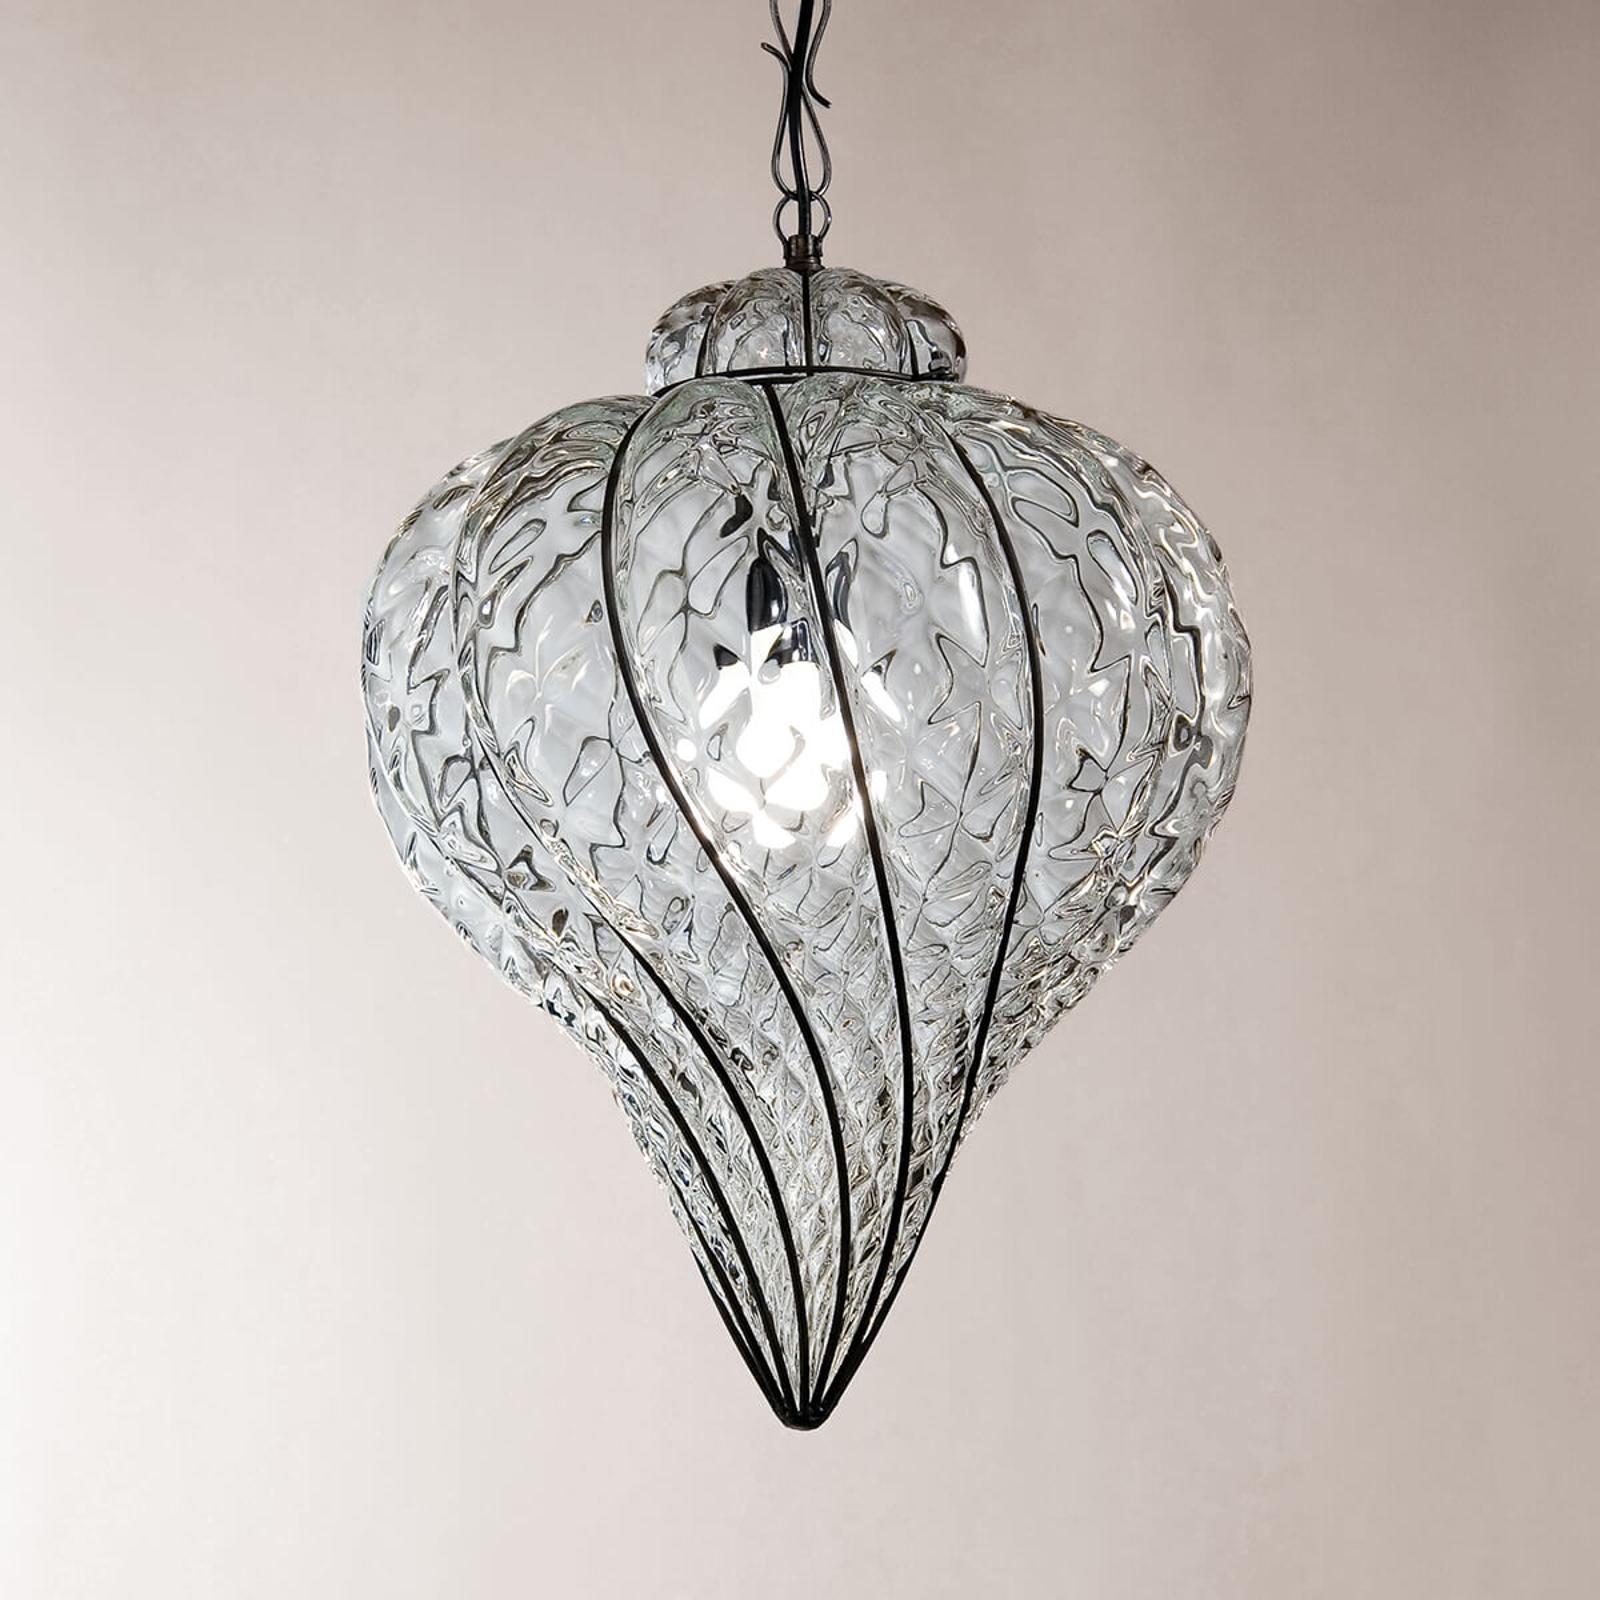 Lampa wisząca zewnętrzna Goccia, dmuchane szkło